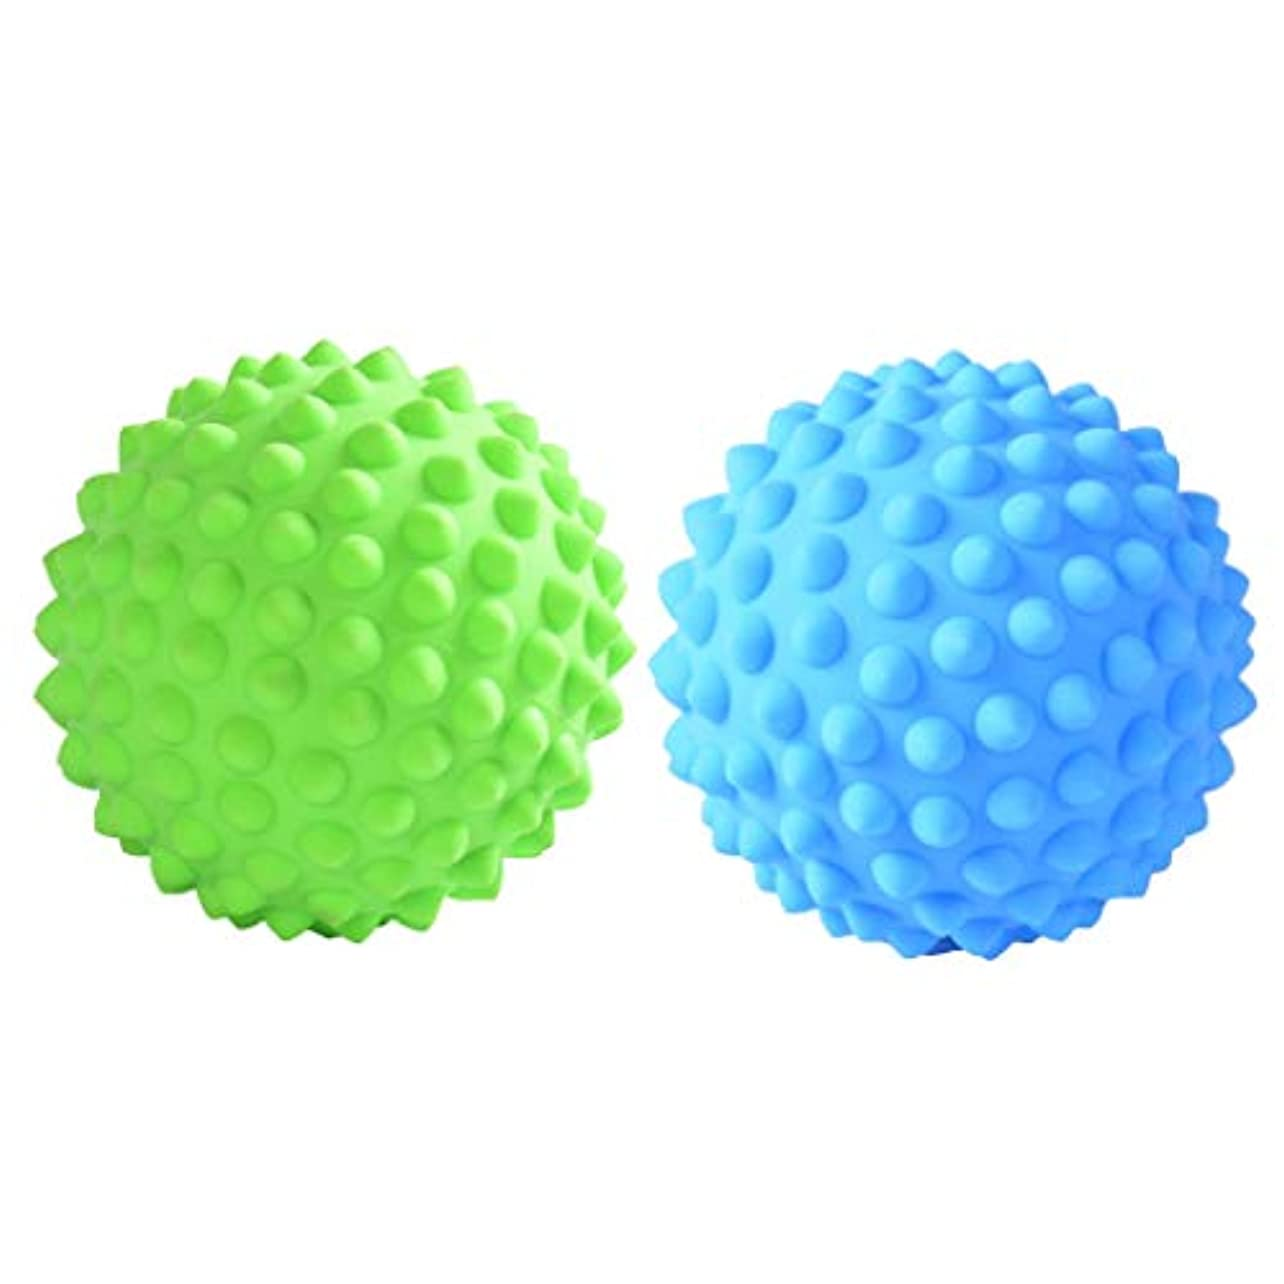 行う稚魚一握りCUTICATE マッサージローラーボール 指圧ボール PVC トリガーポイント 筋膜 疲労軽減 健康的 2個入